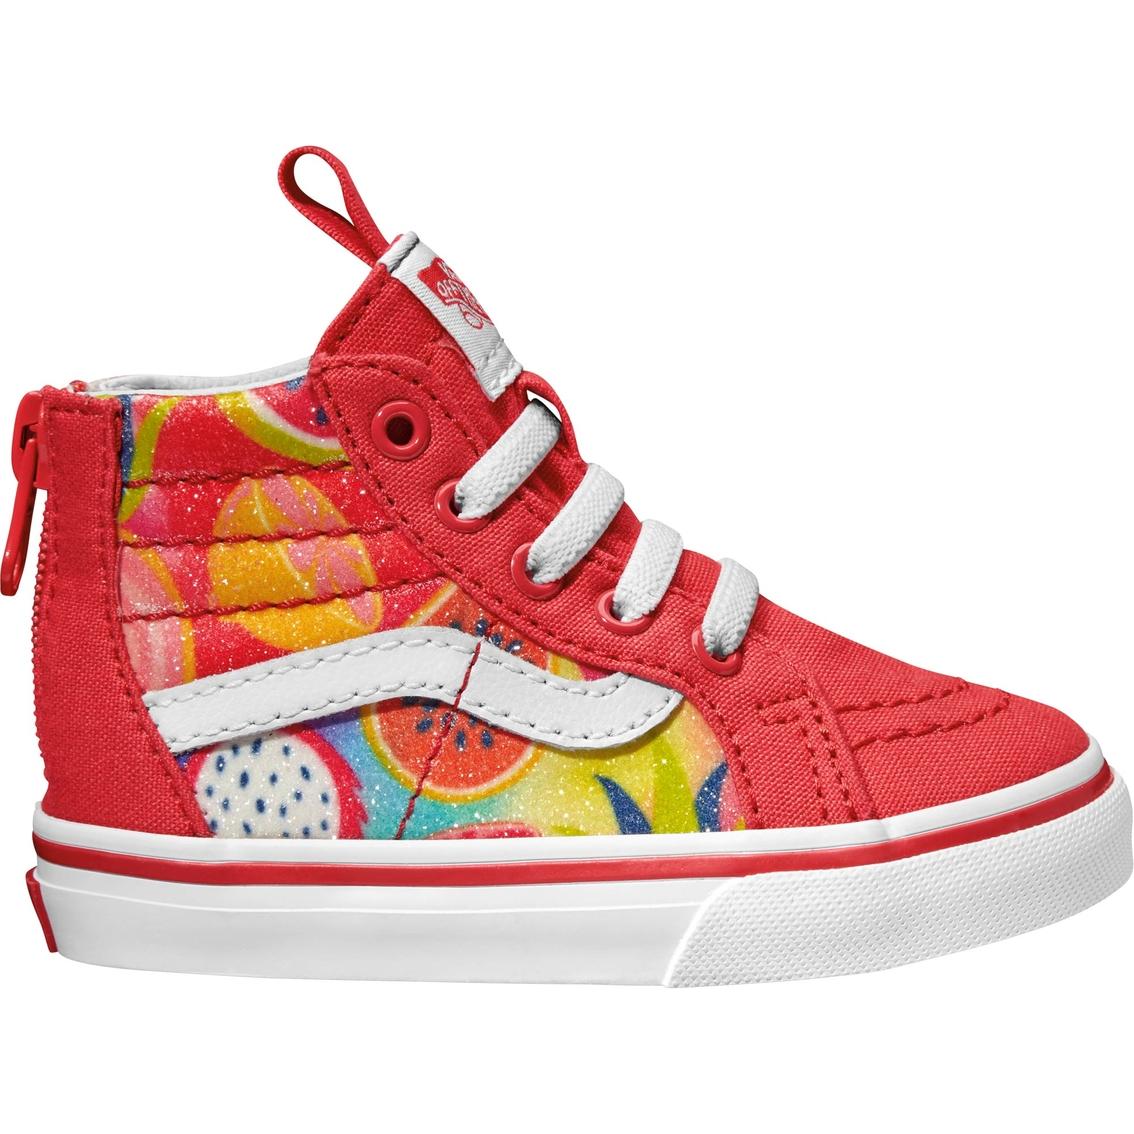 b3d5faf6222 Vans Little Girls Sk8 Hi Zip Fruit Sneakers. Please correct the ...